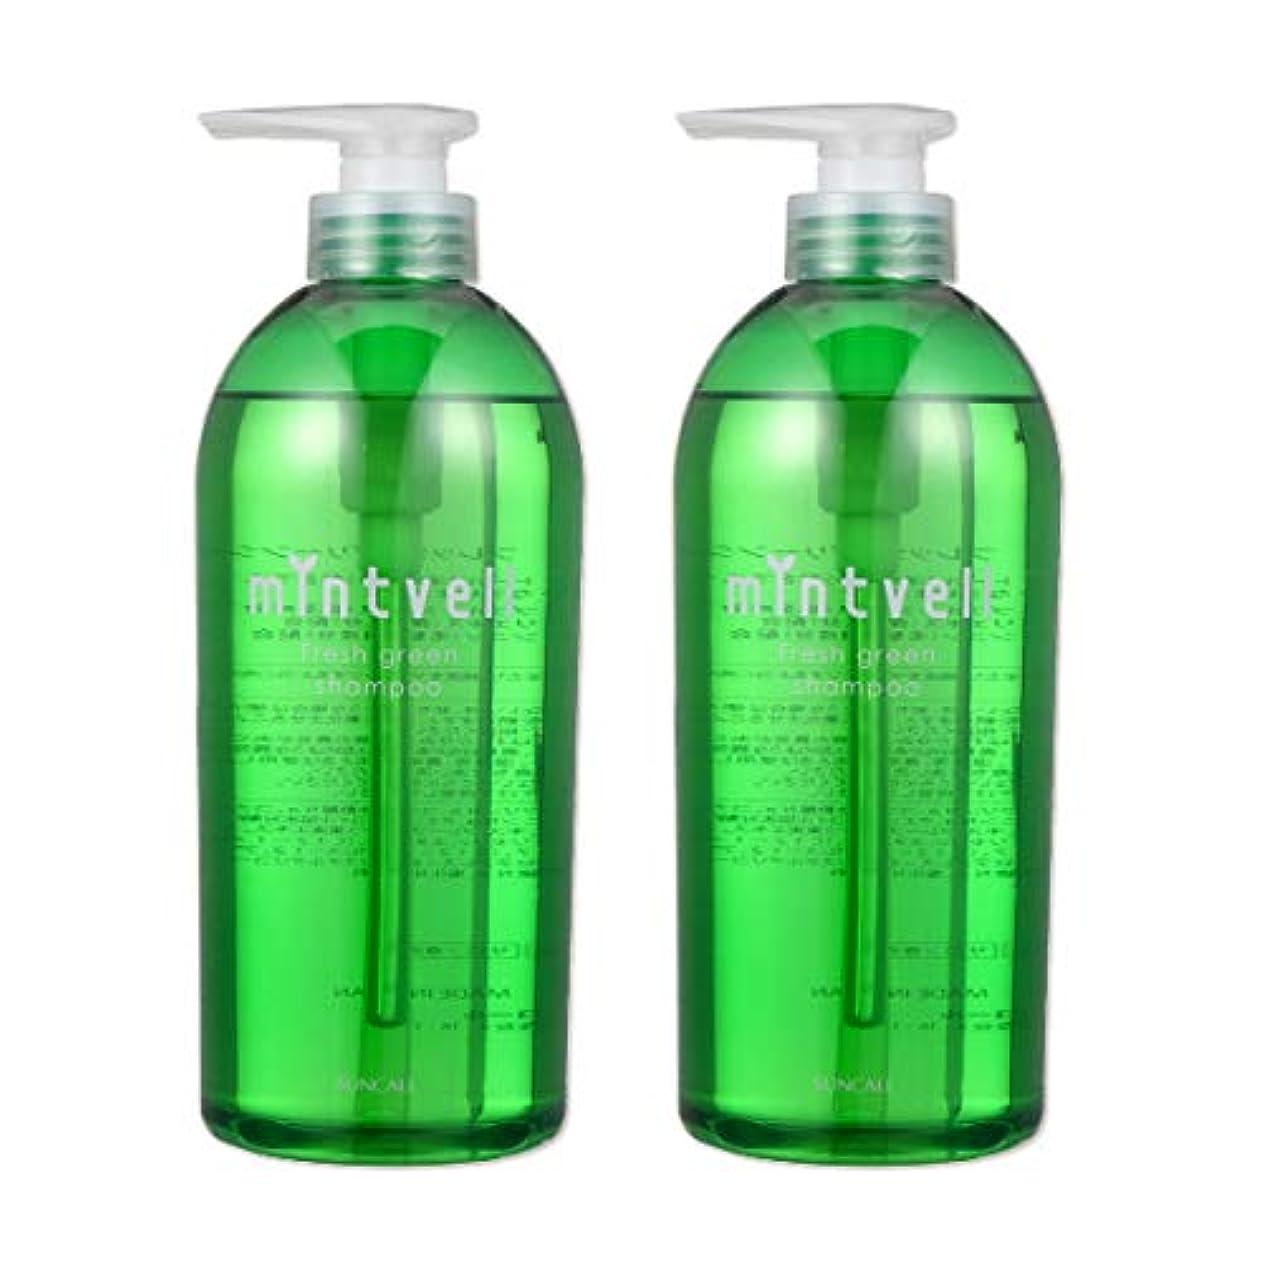 美容師相談する悔い改めサンコール ミントベル フレッシュグリーン シャンプー <675mL×2個セット> SUNCALL mintvell メントール